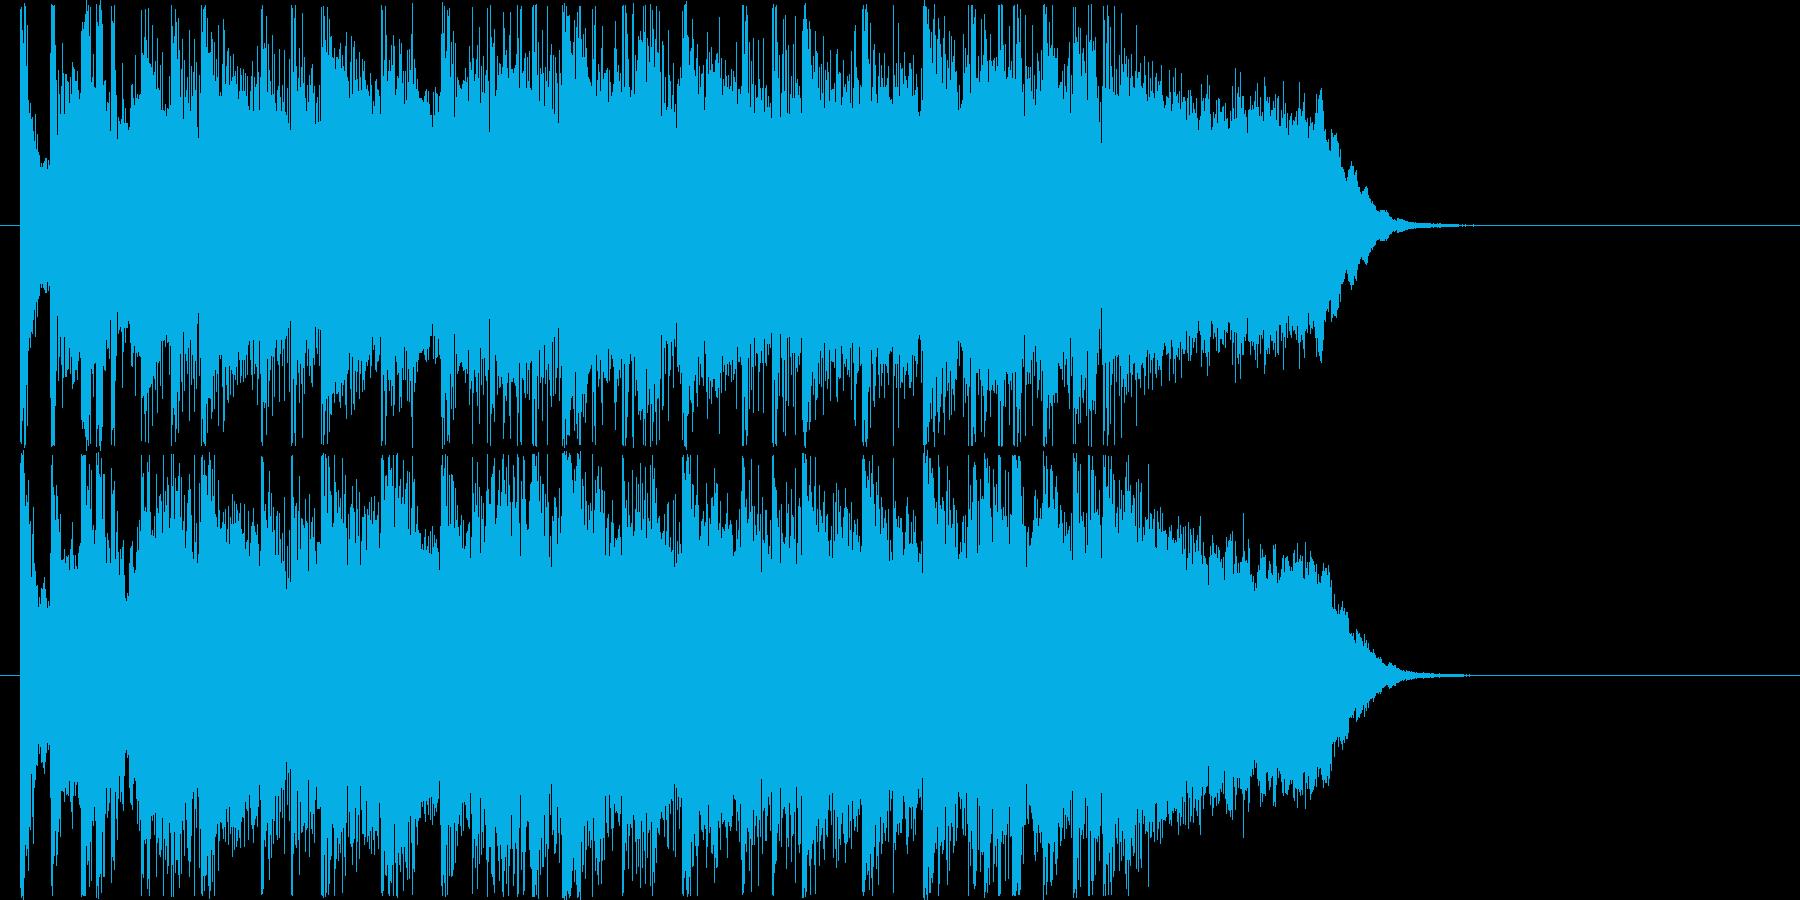 クールでカッコイイロックなエレキジングルの再生済みの波形